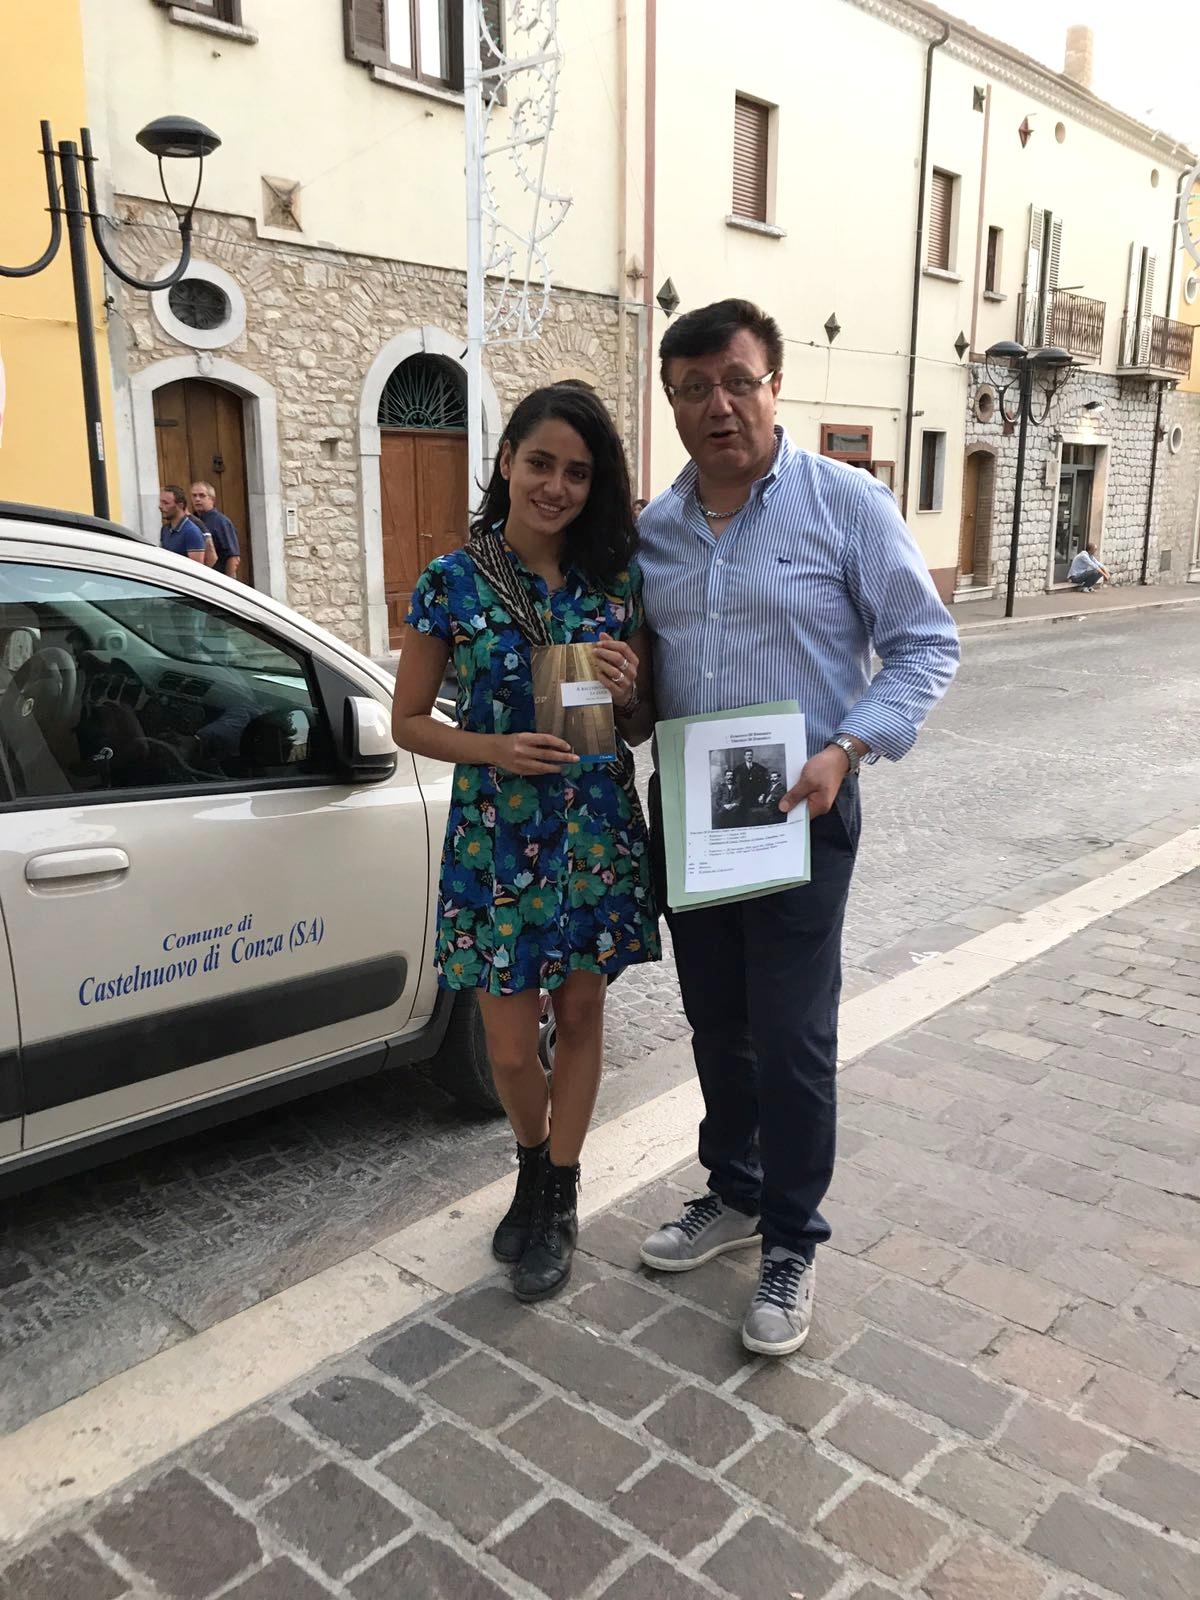 Con Michele Iannuzzelli, sindaco di Castelnuovo di Conza